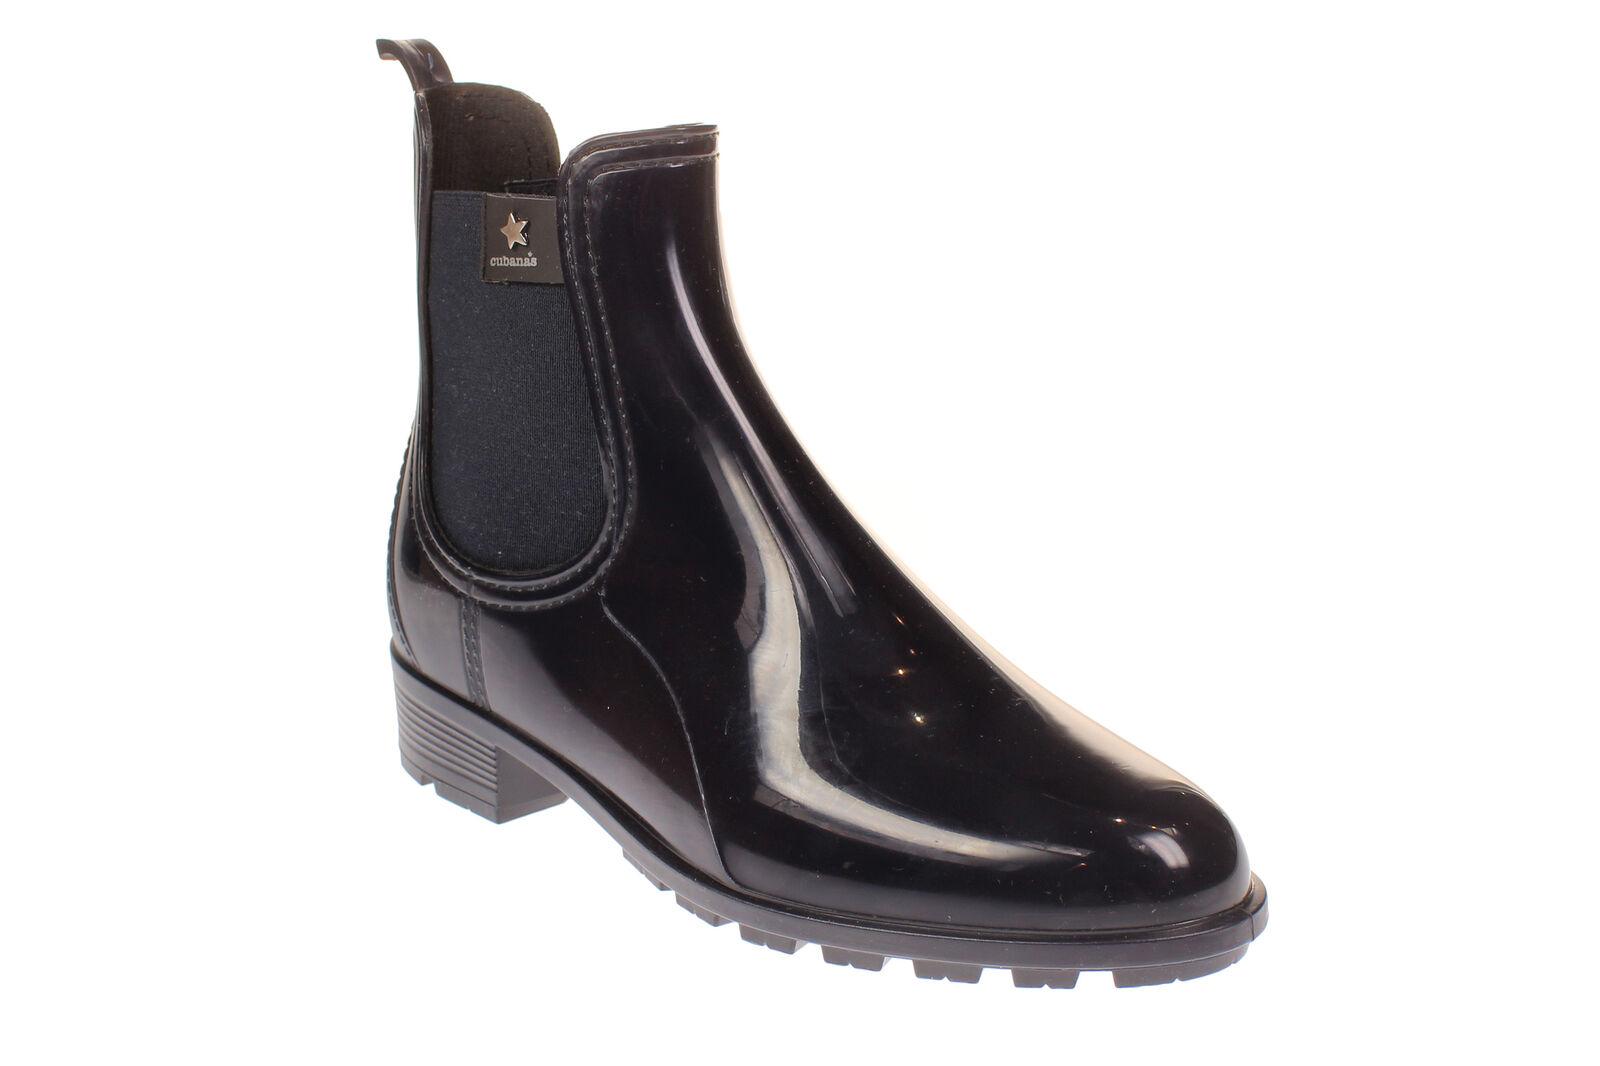 Presidente lluviosos-631 - señoras zapatos botas - azul